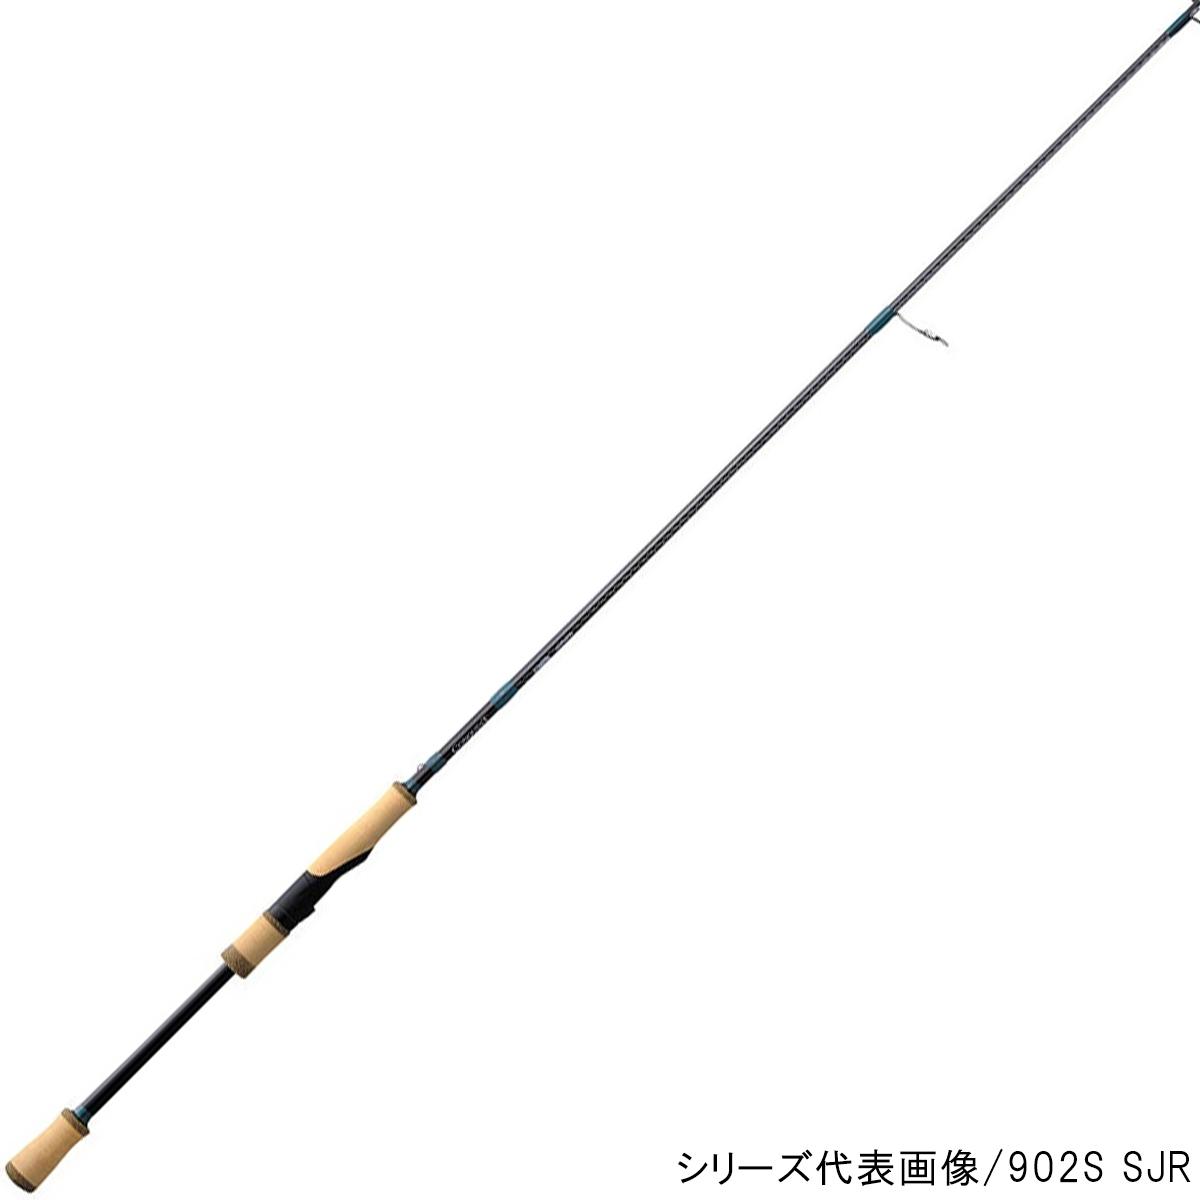 シマノ コンクエスト(スピニング) 782S SJR【大型商品】